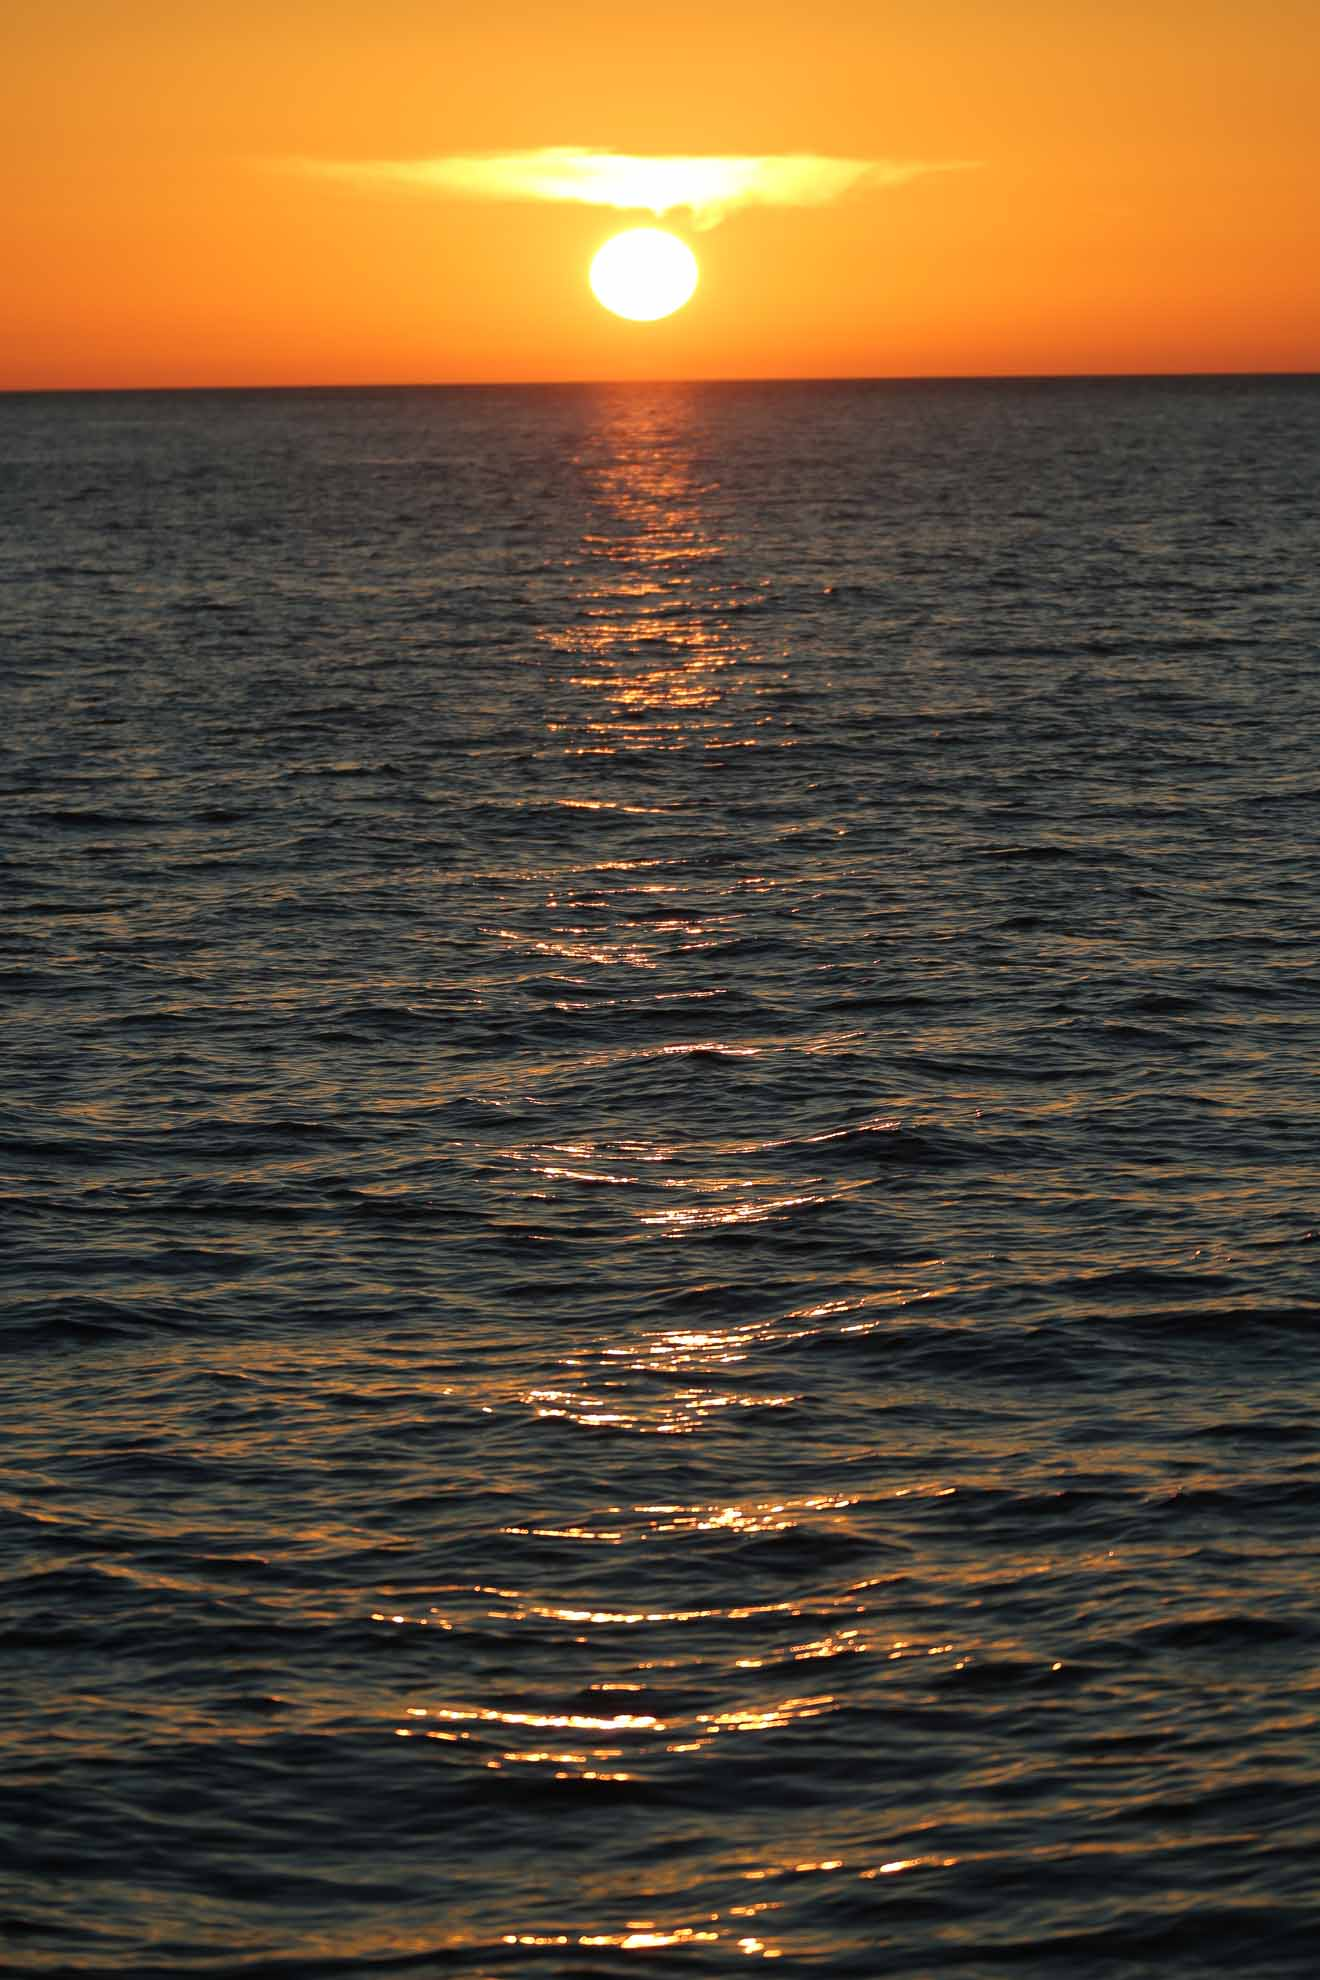 Die Sonne versinkt malerisch im Meer ...